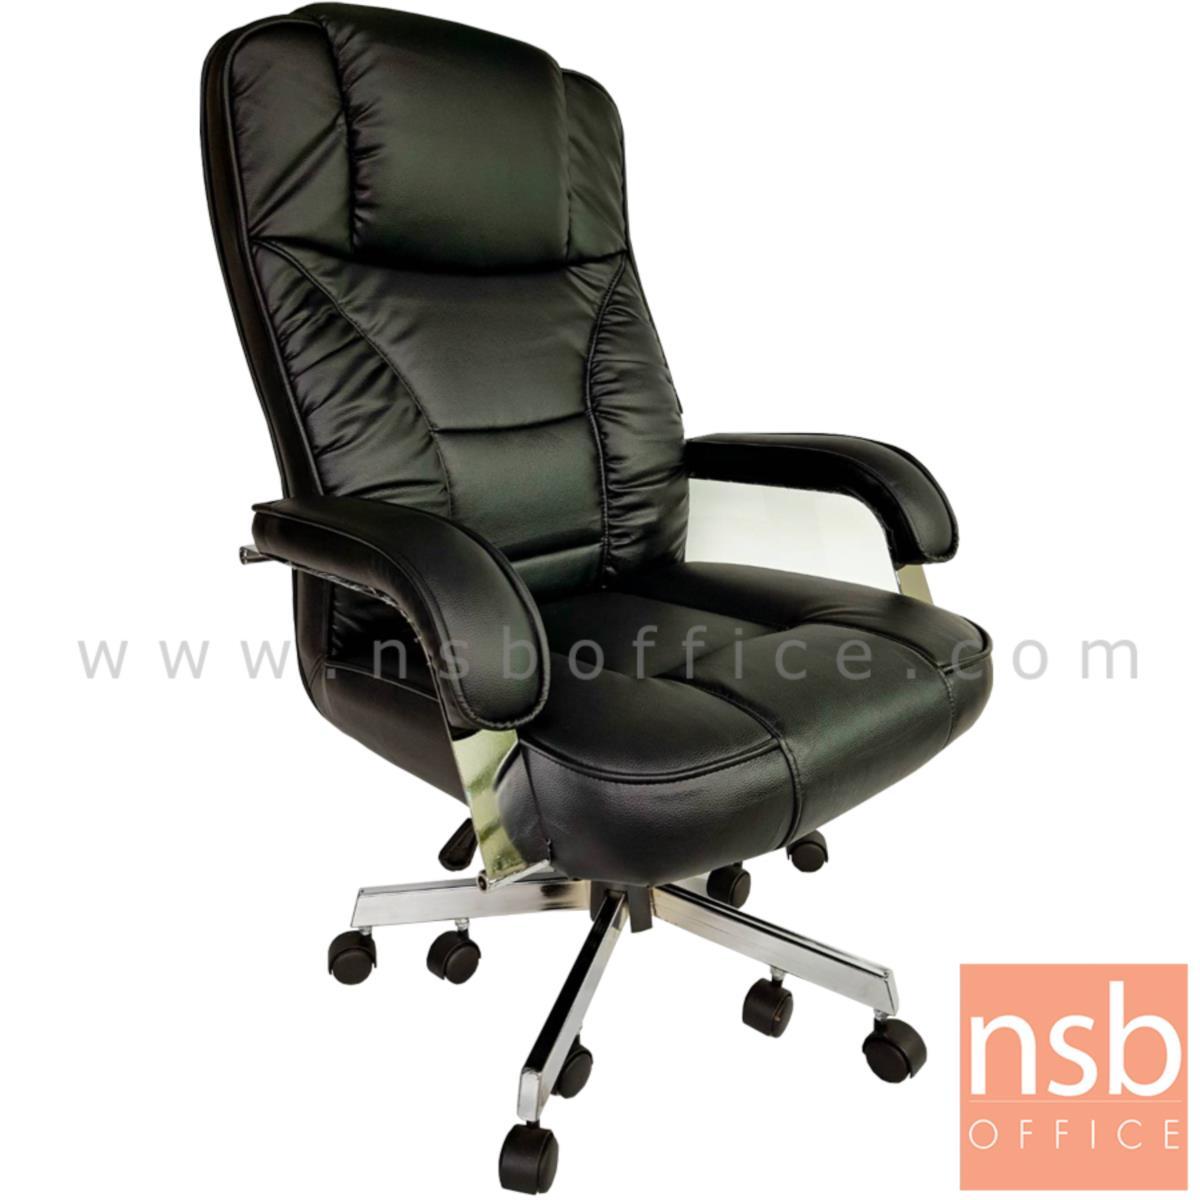 เก้าอี้ผู้บริหาร รุ่น HC-KS2013 โช๊คแก๊ส มีก้อนโยก ขาเหล็กชุบโครเมี่ยม